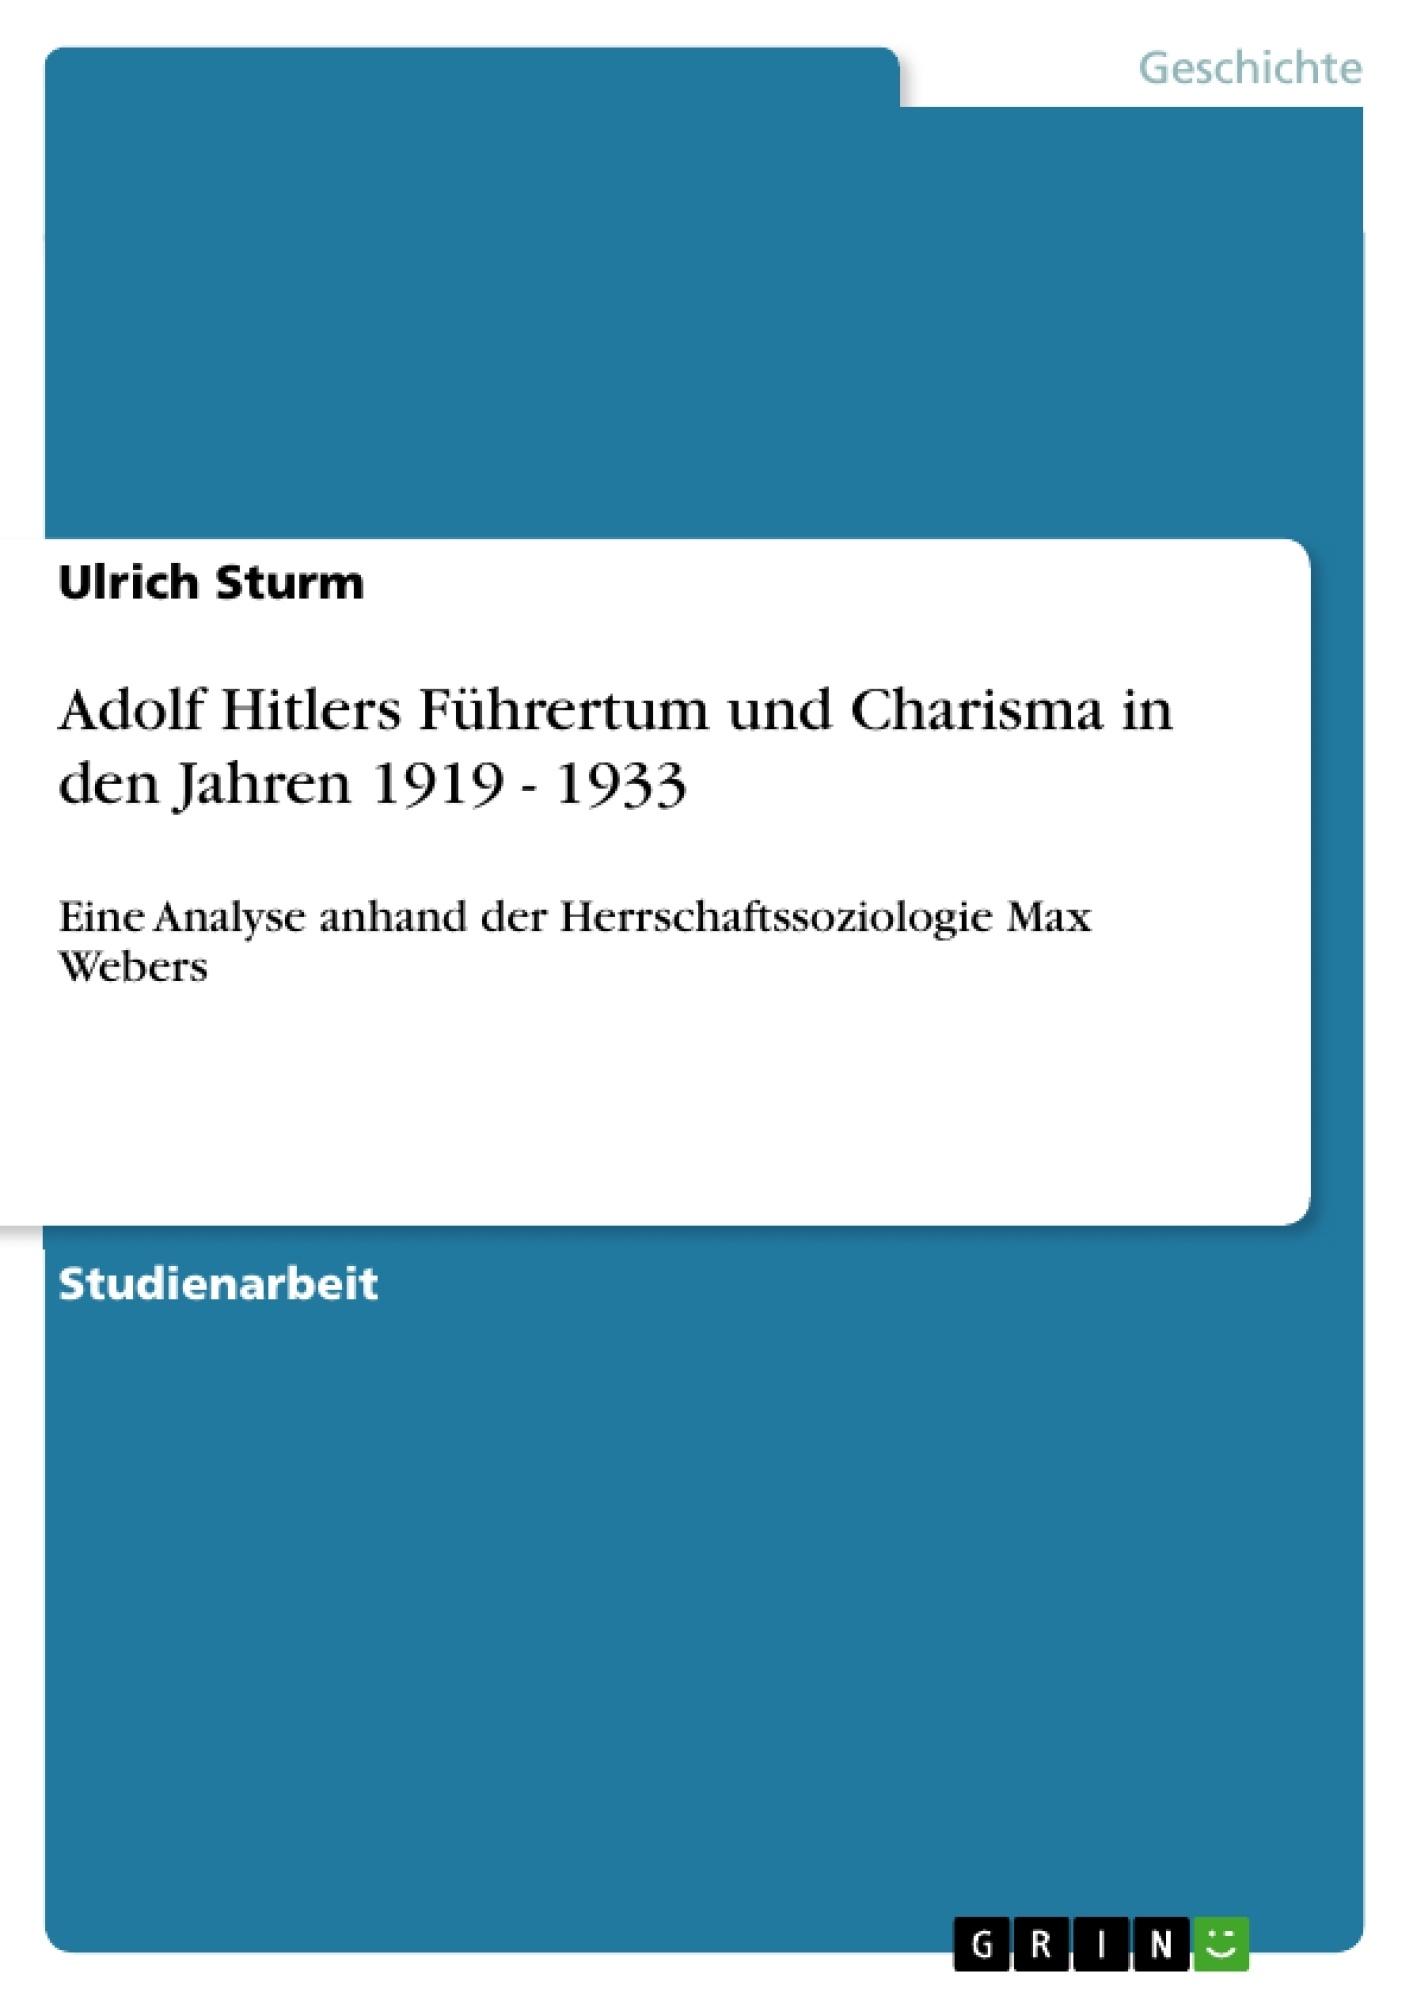 Titel: Adolf Hitlers Führertum und Charisma in den Jahren 1919 - 1933